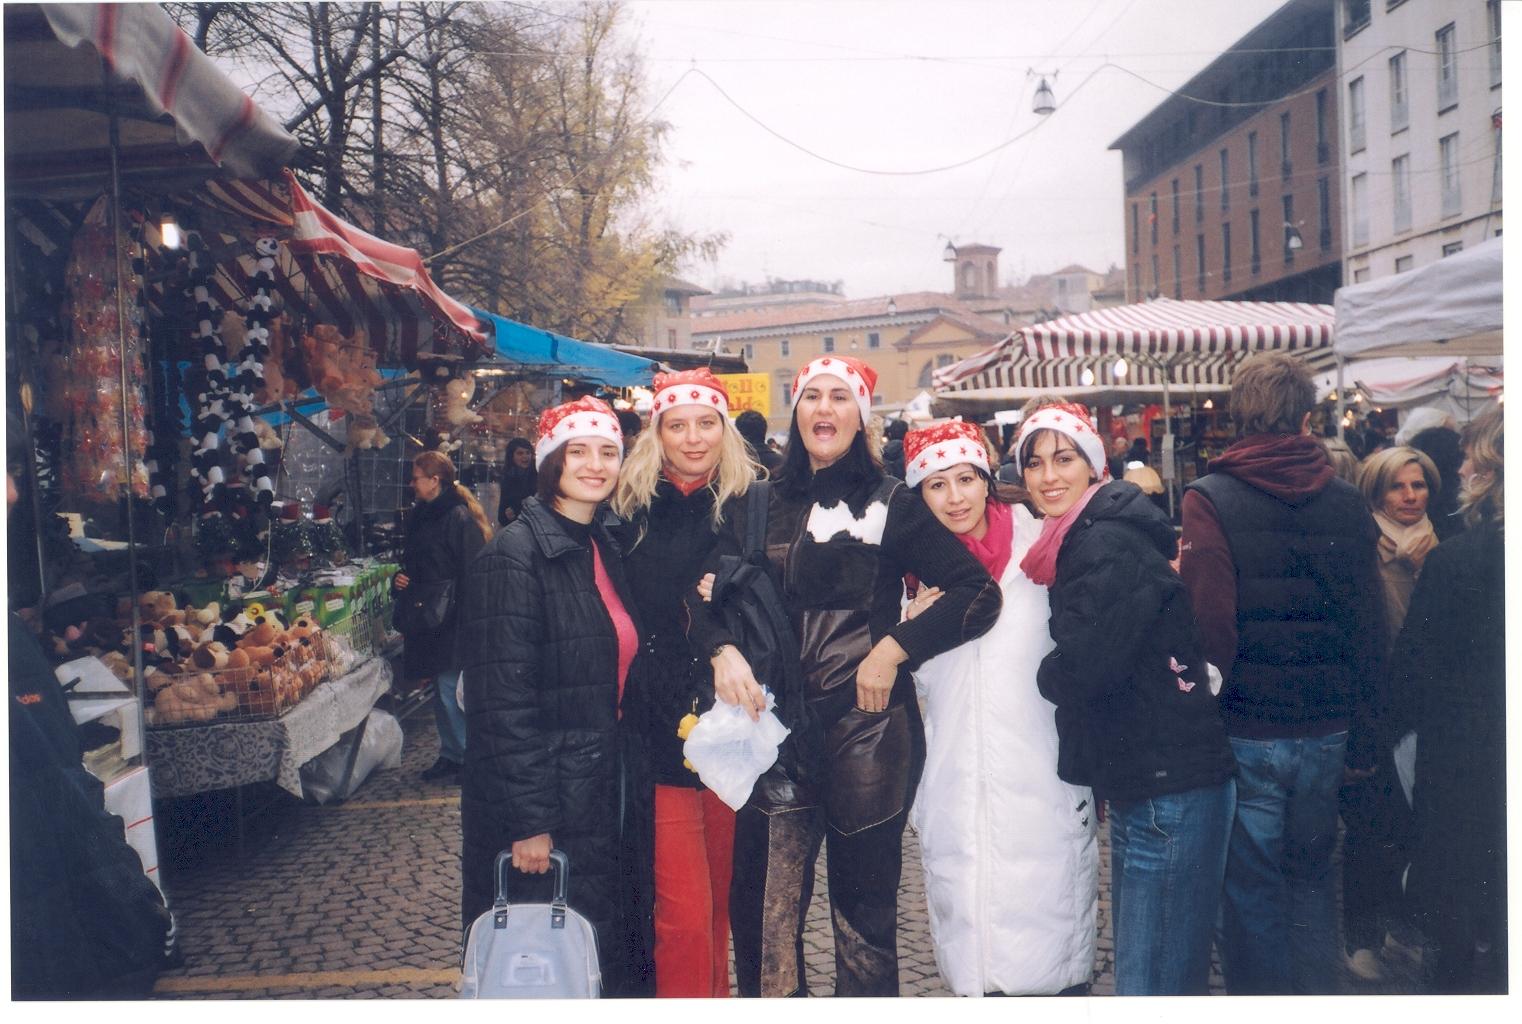 Milano_2003_foto_n.1.JPG